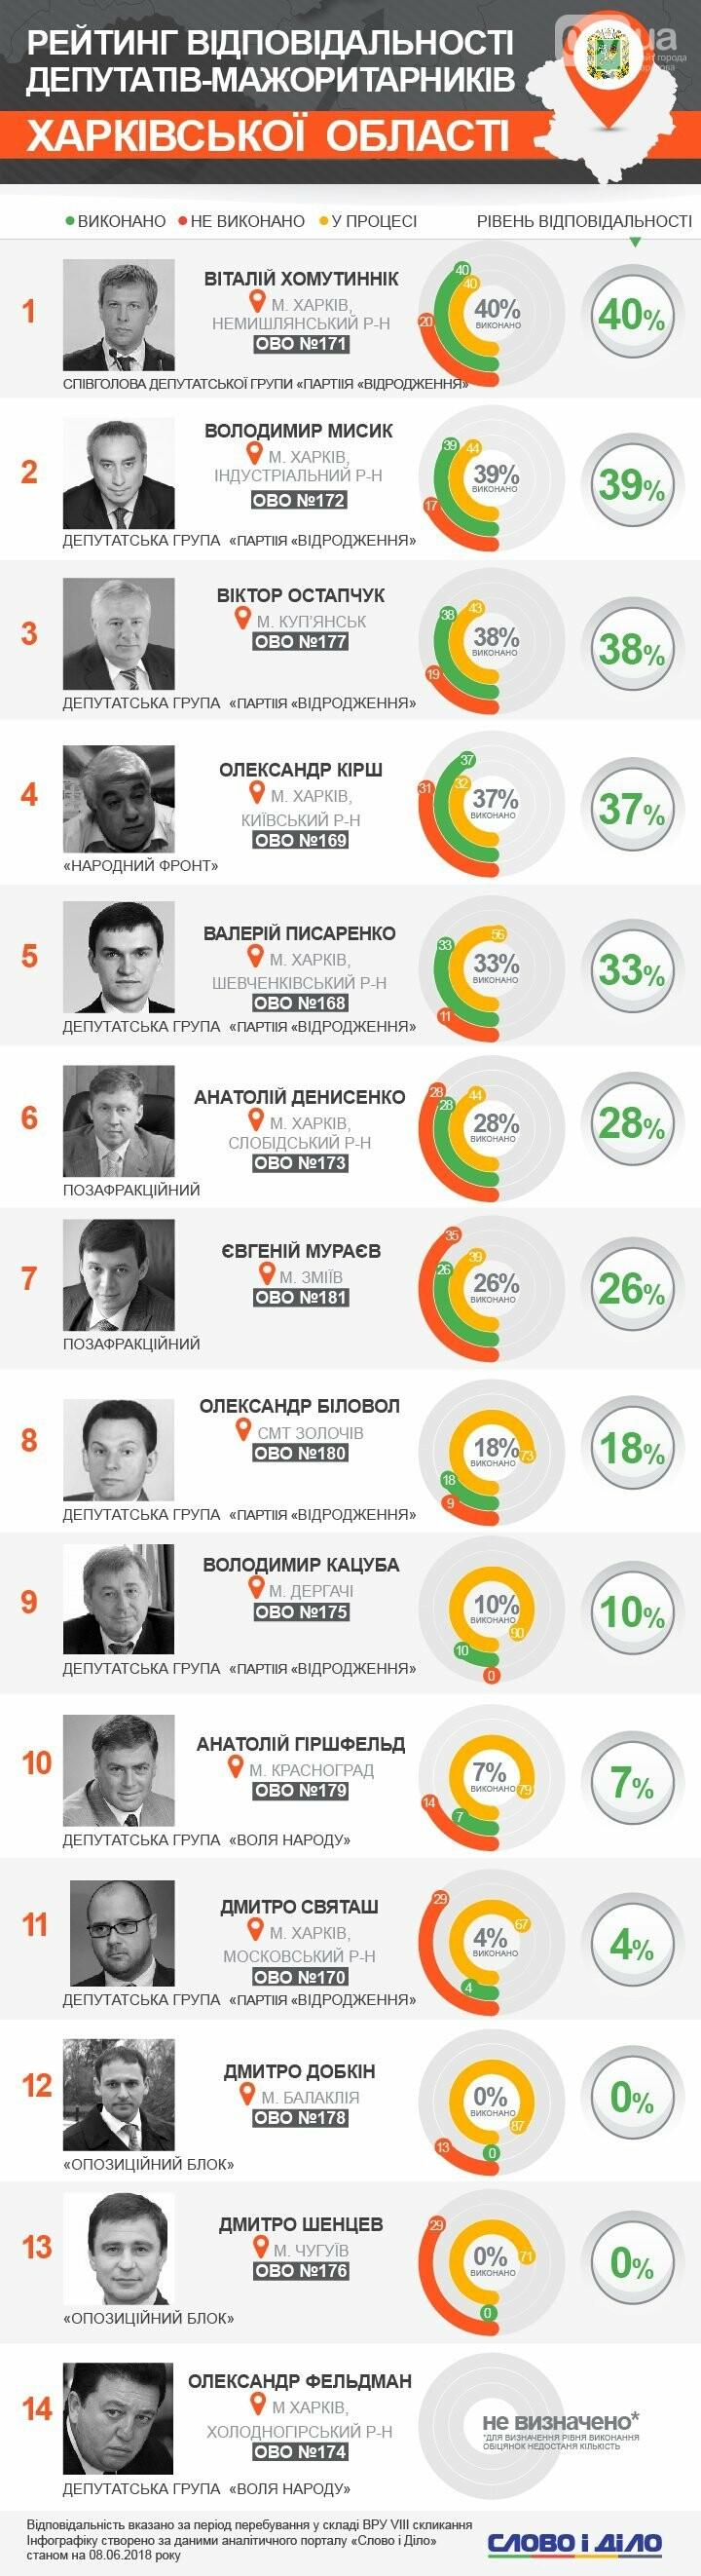 Виталий Хомутынник возглавил рейтинг ответственности депутатов Харьковщины, - Инфографика, фото-1